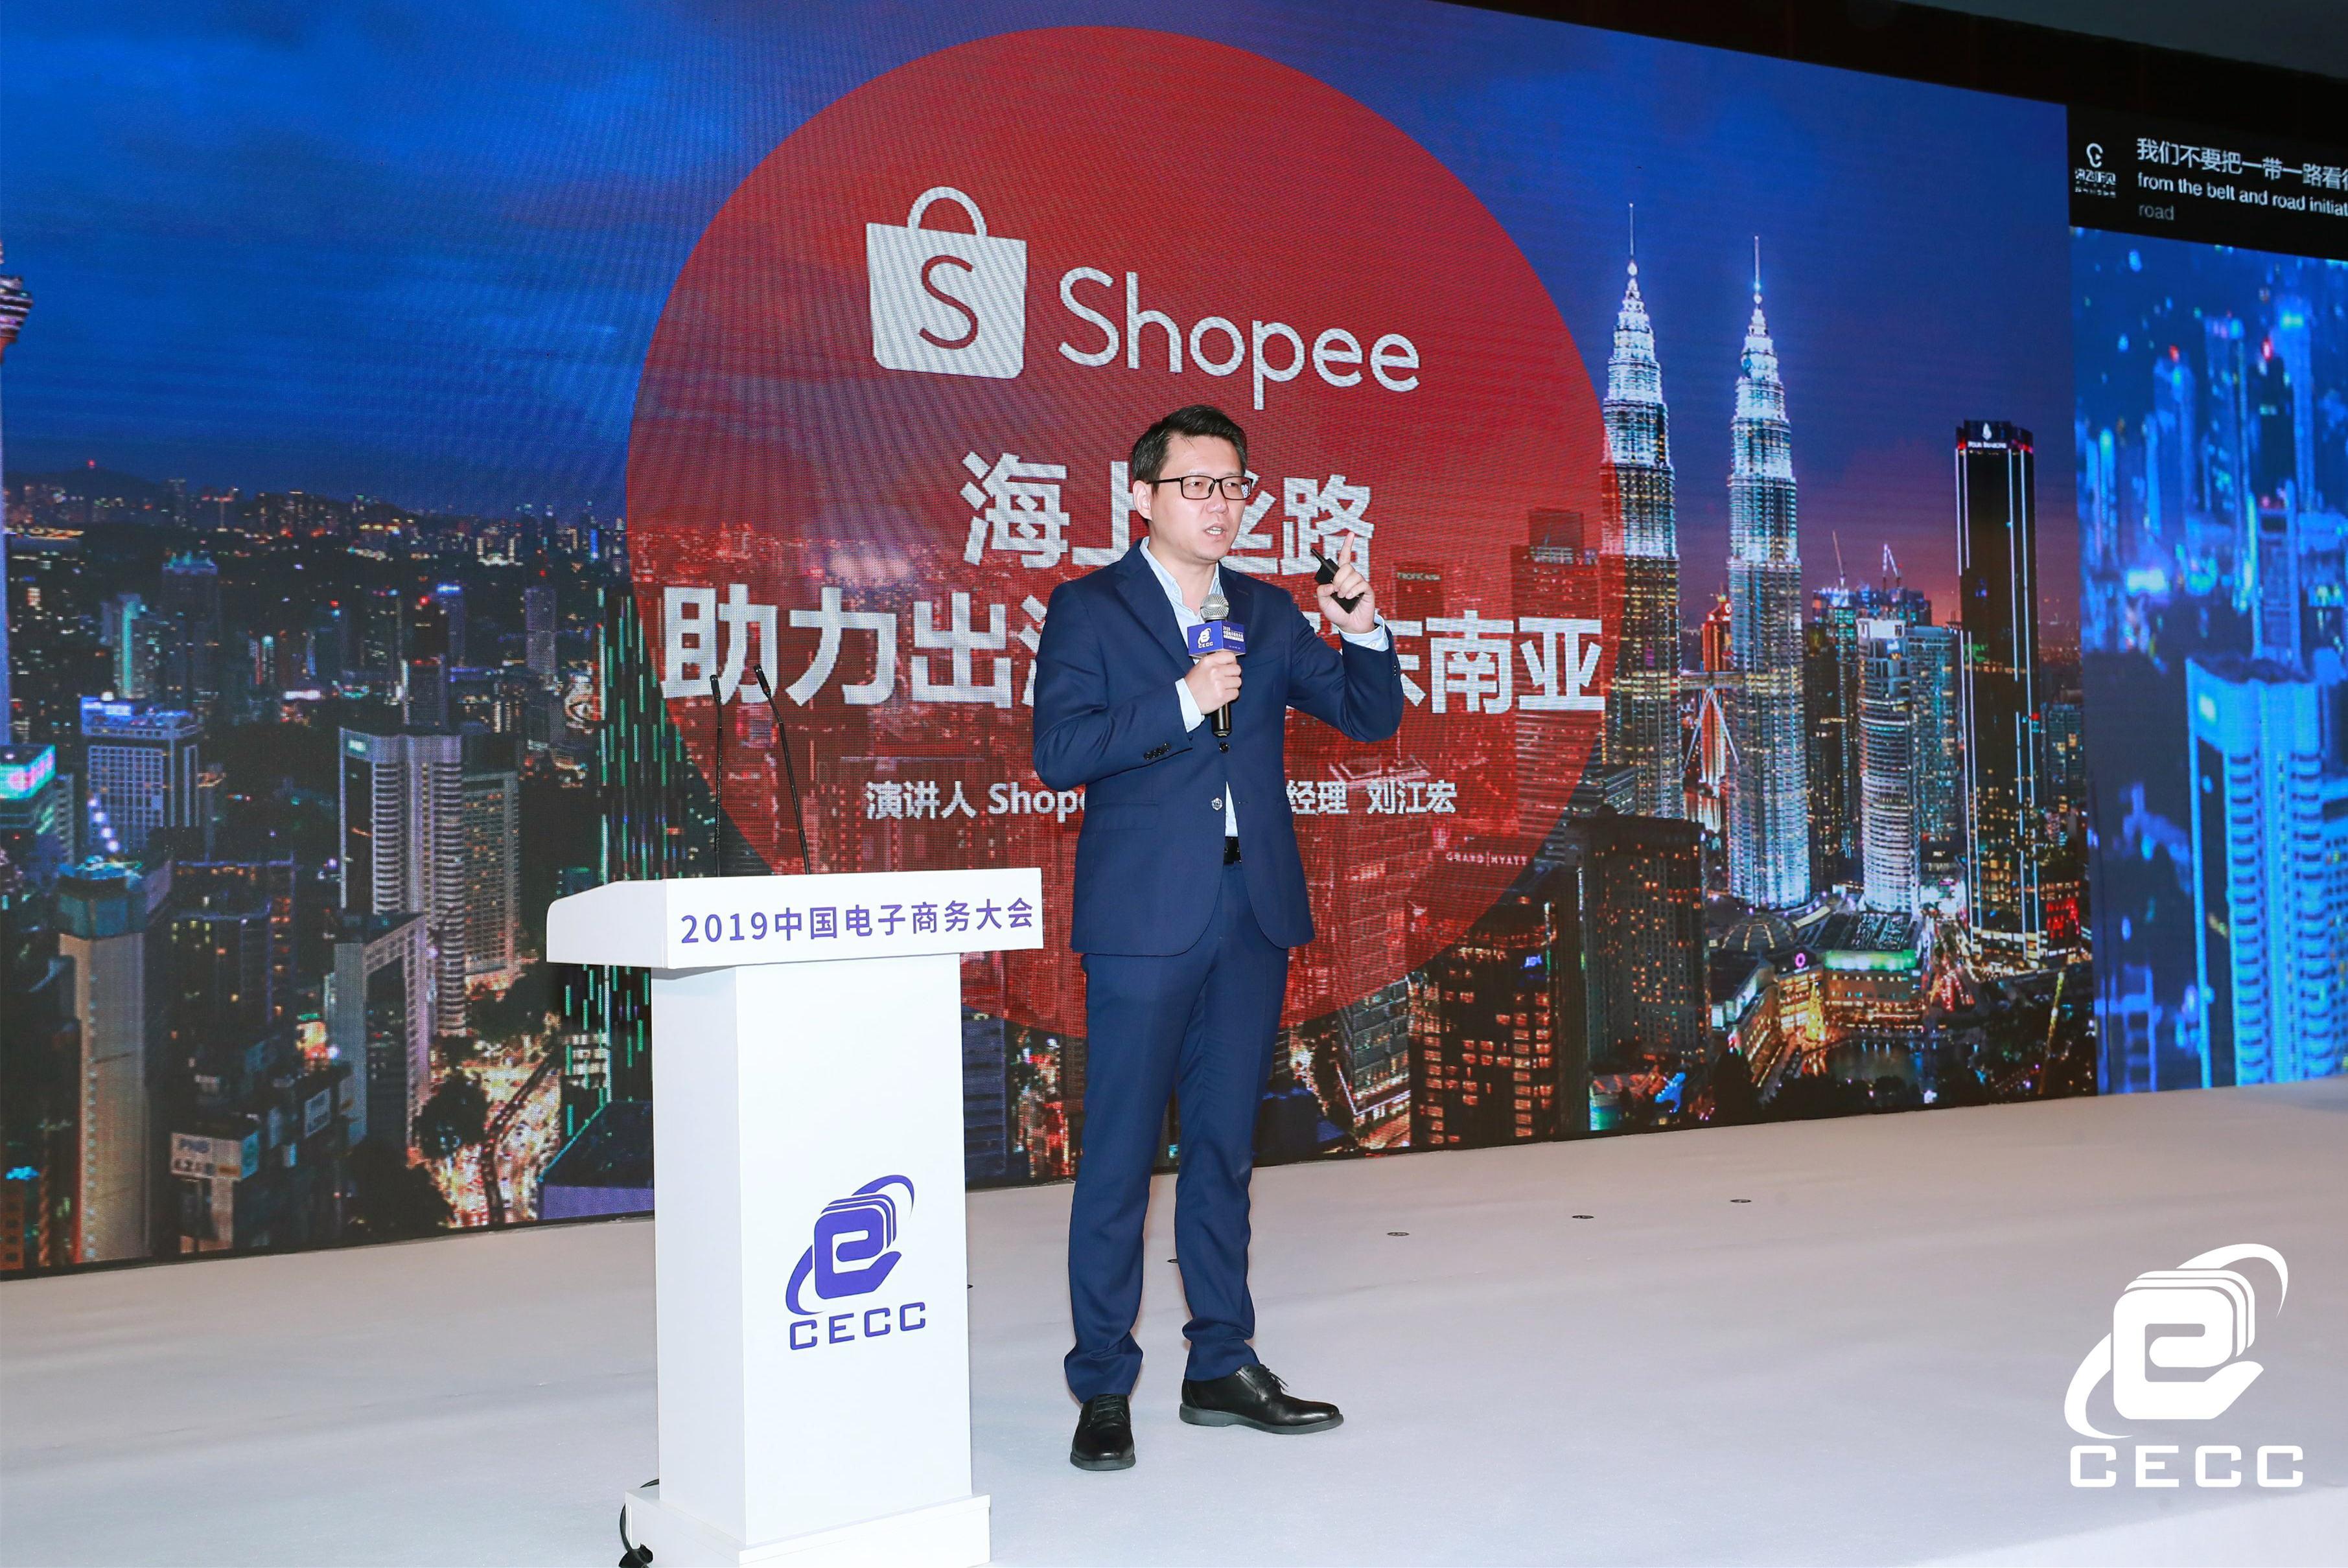 跨境晚报:Shopee刘江宏:品牌出海 掘金千亿东南亚